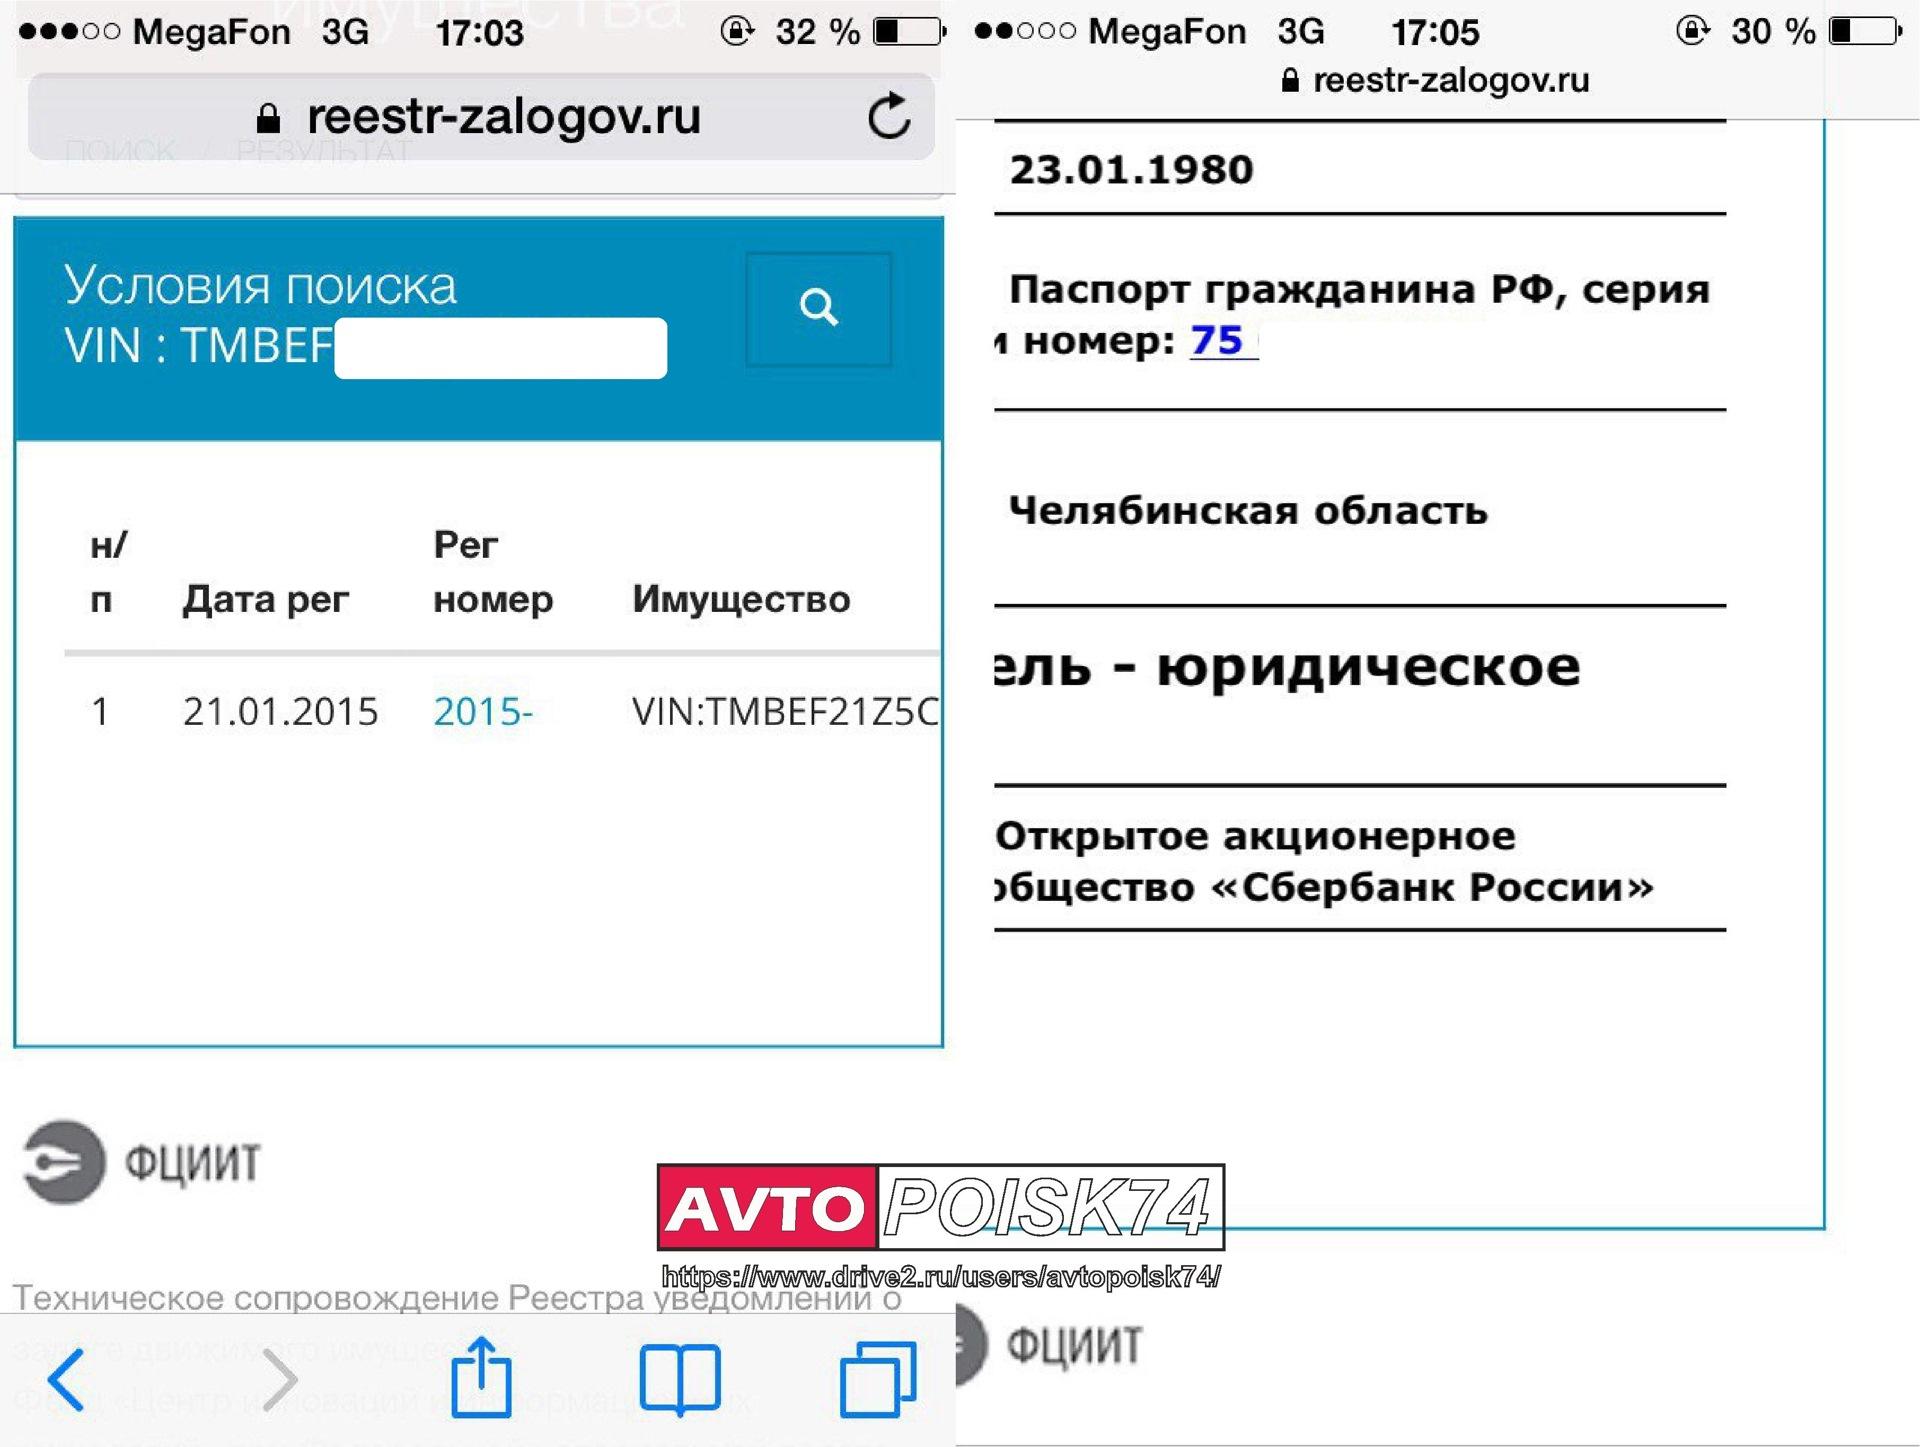 кредит с армянским паспортом в санкт петербурге